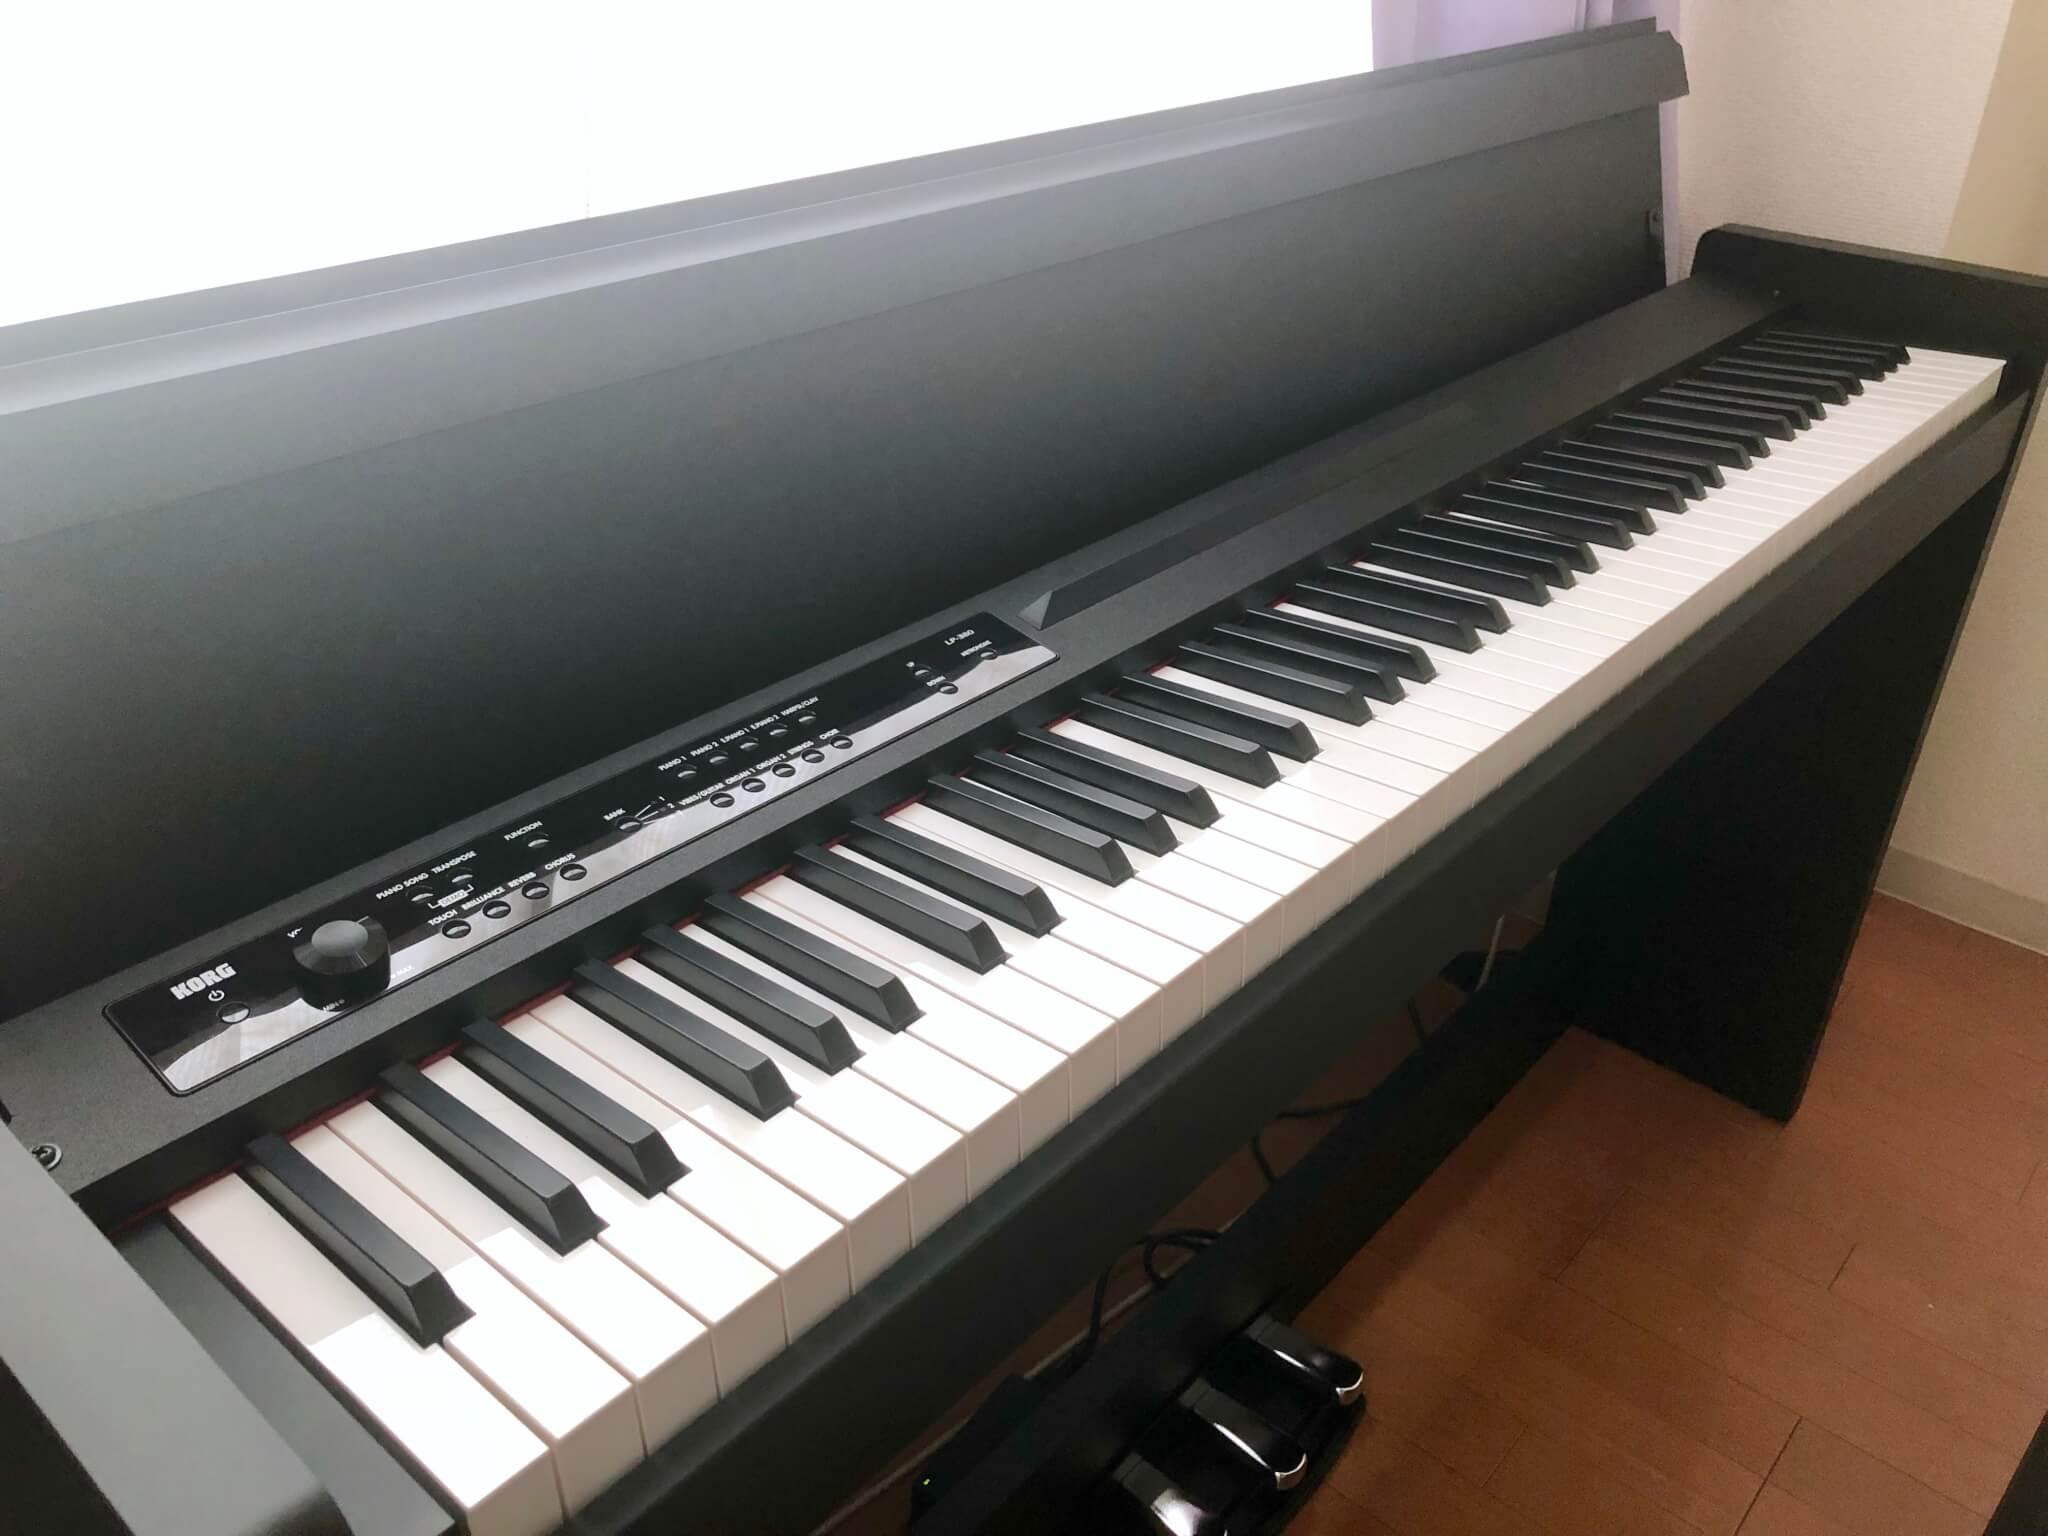 コスパ最強の電子ピアノ「コルグ KORG LP-380」徹底レビュー。Amazon人気商品のその実力は!?